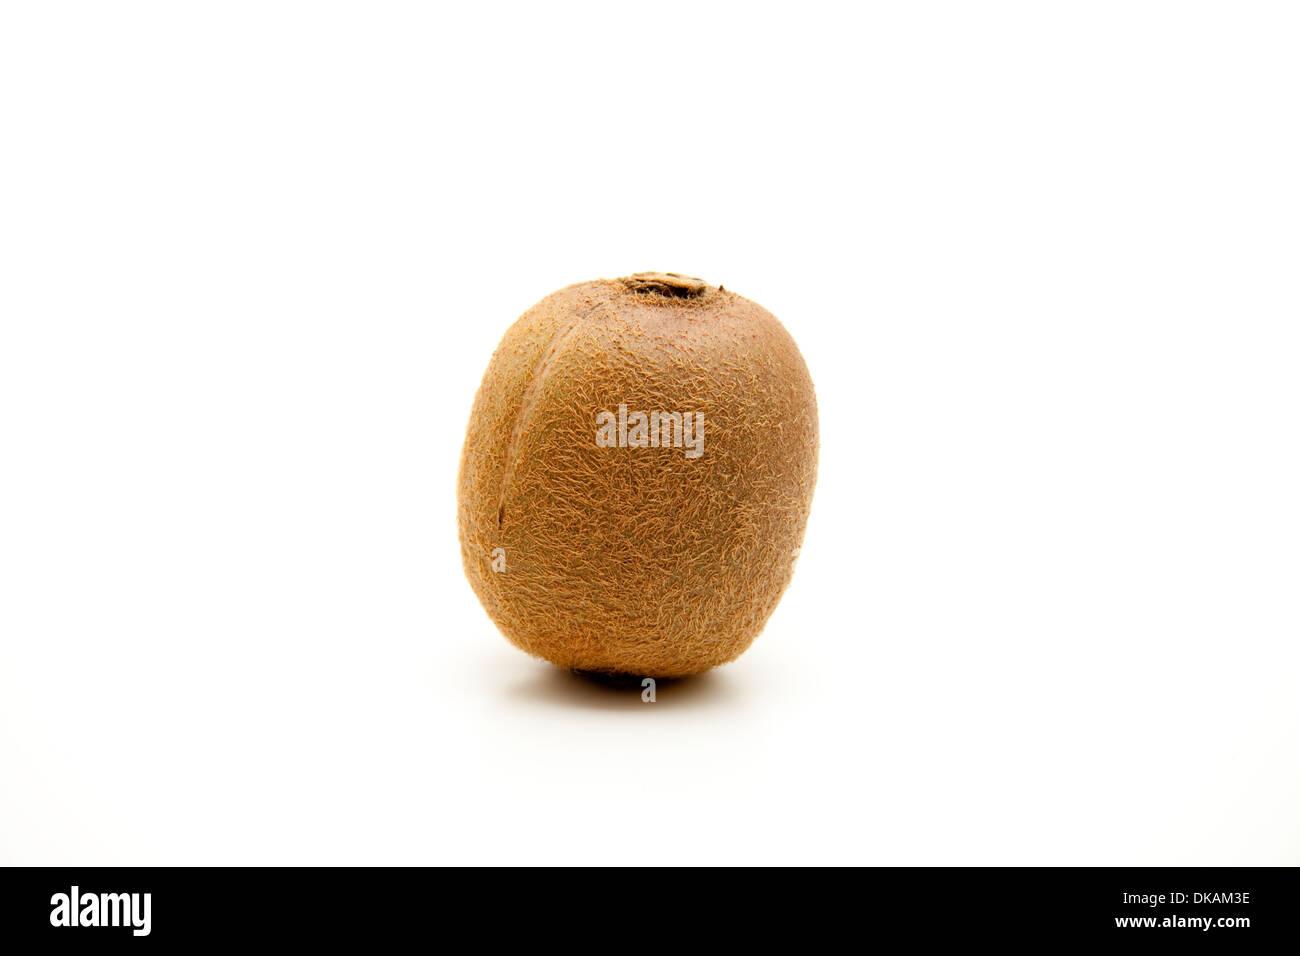 Fresh kiwi - Stock Image